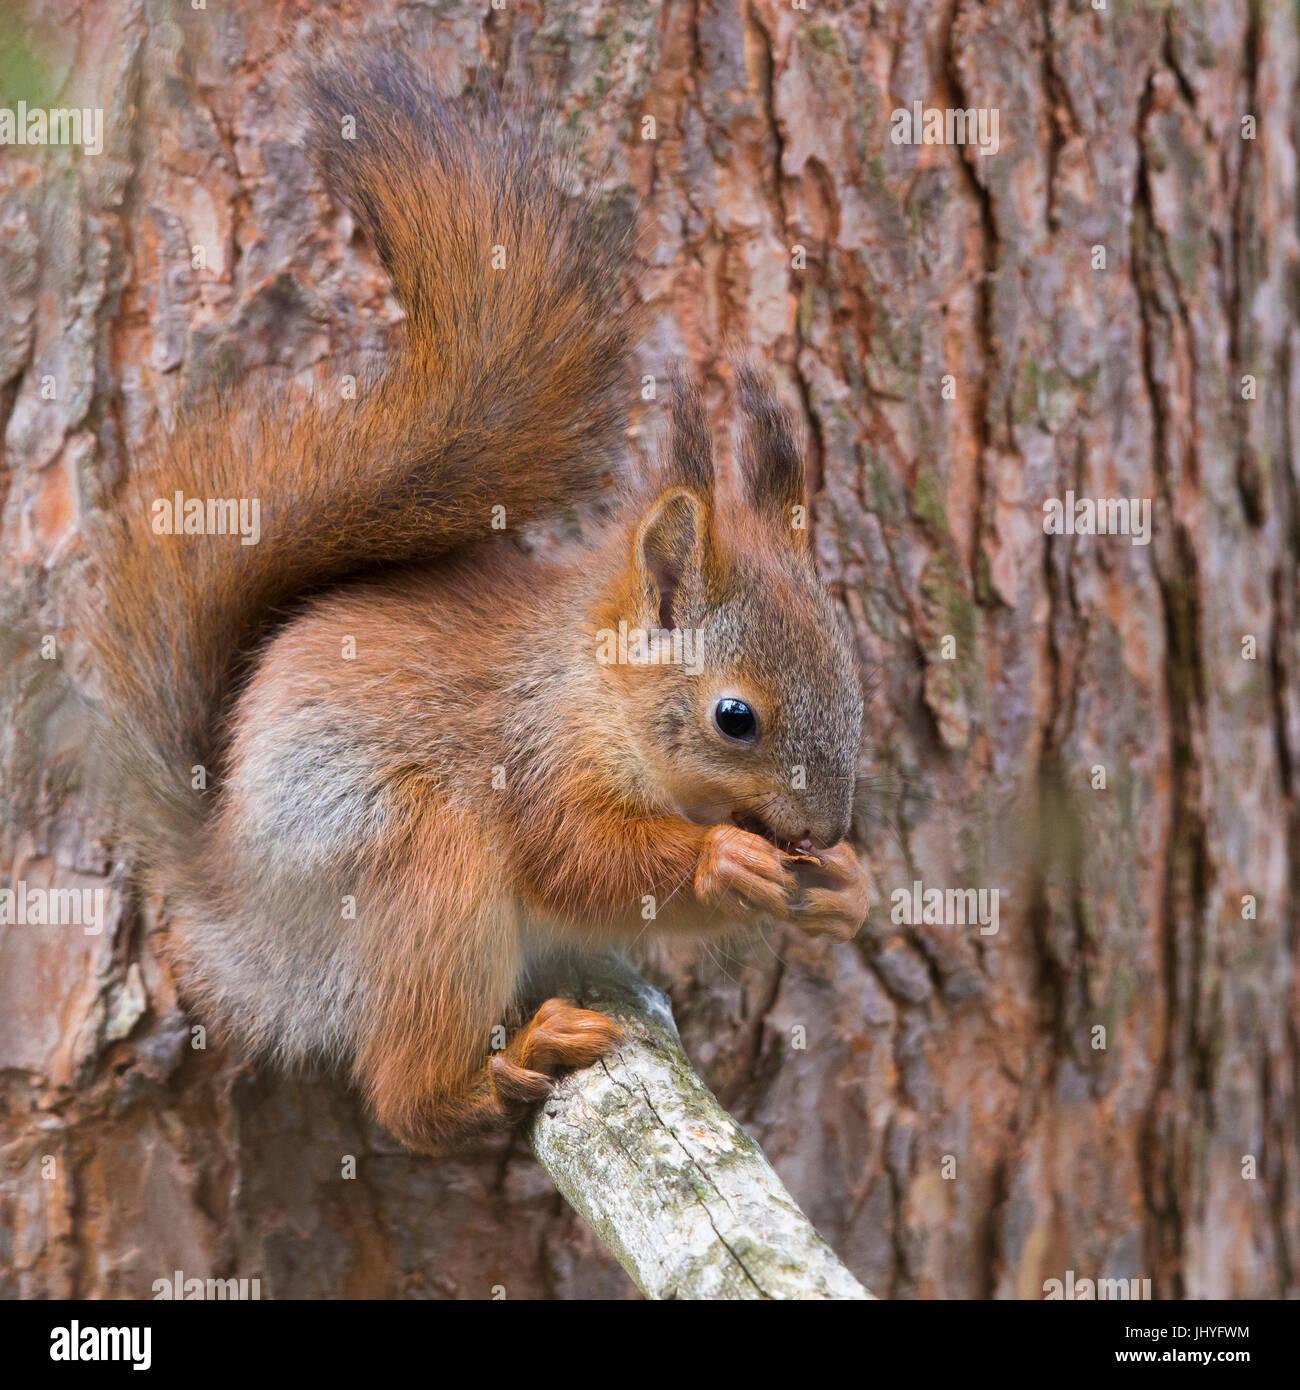 Red scoiattolo (Sciurus vulgaris), aduld alimentazione e seeting su un ramo di pino Immagini Stock